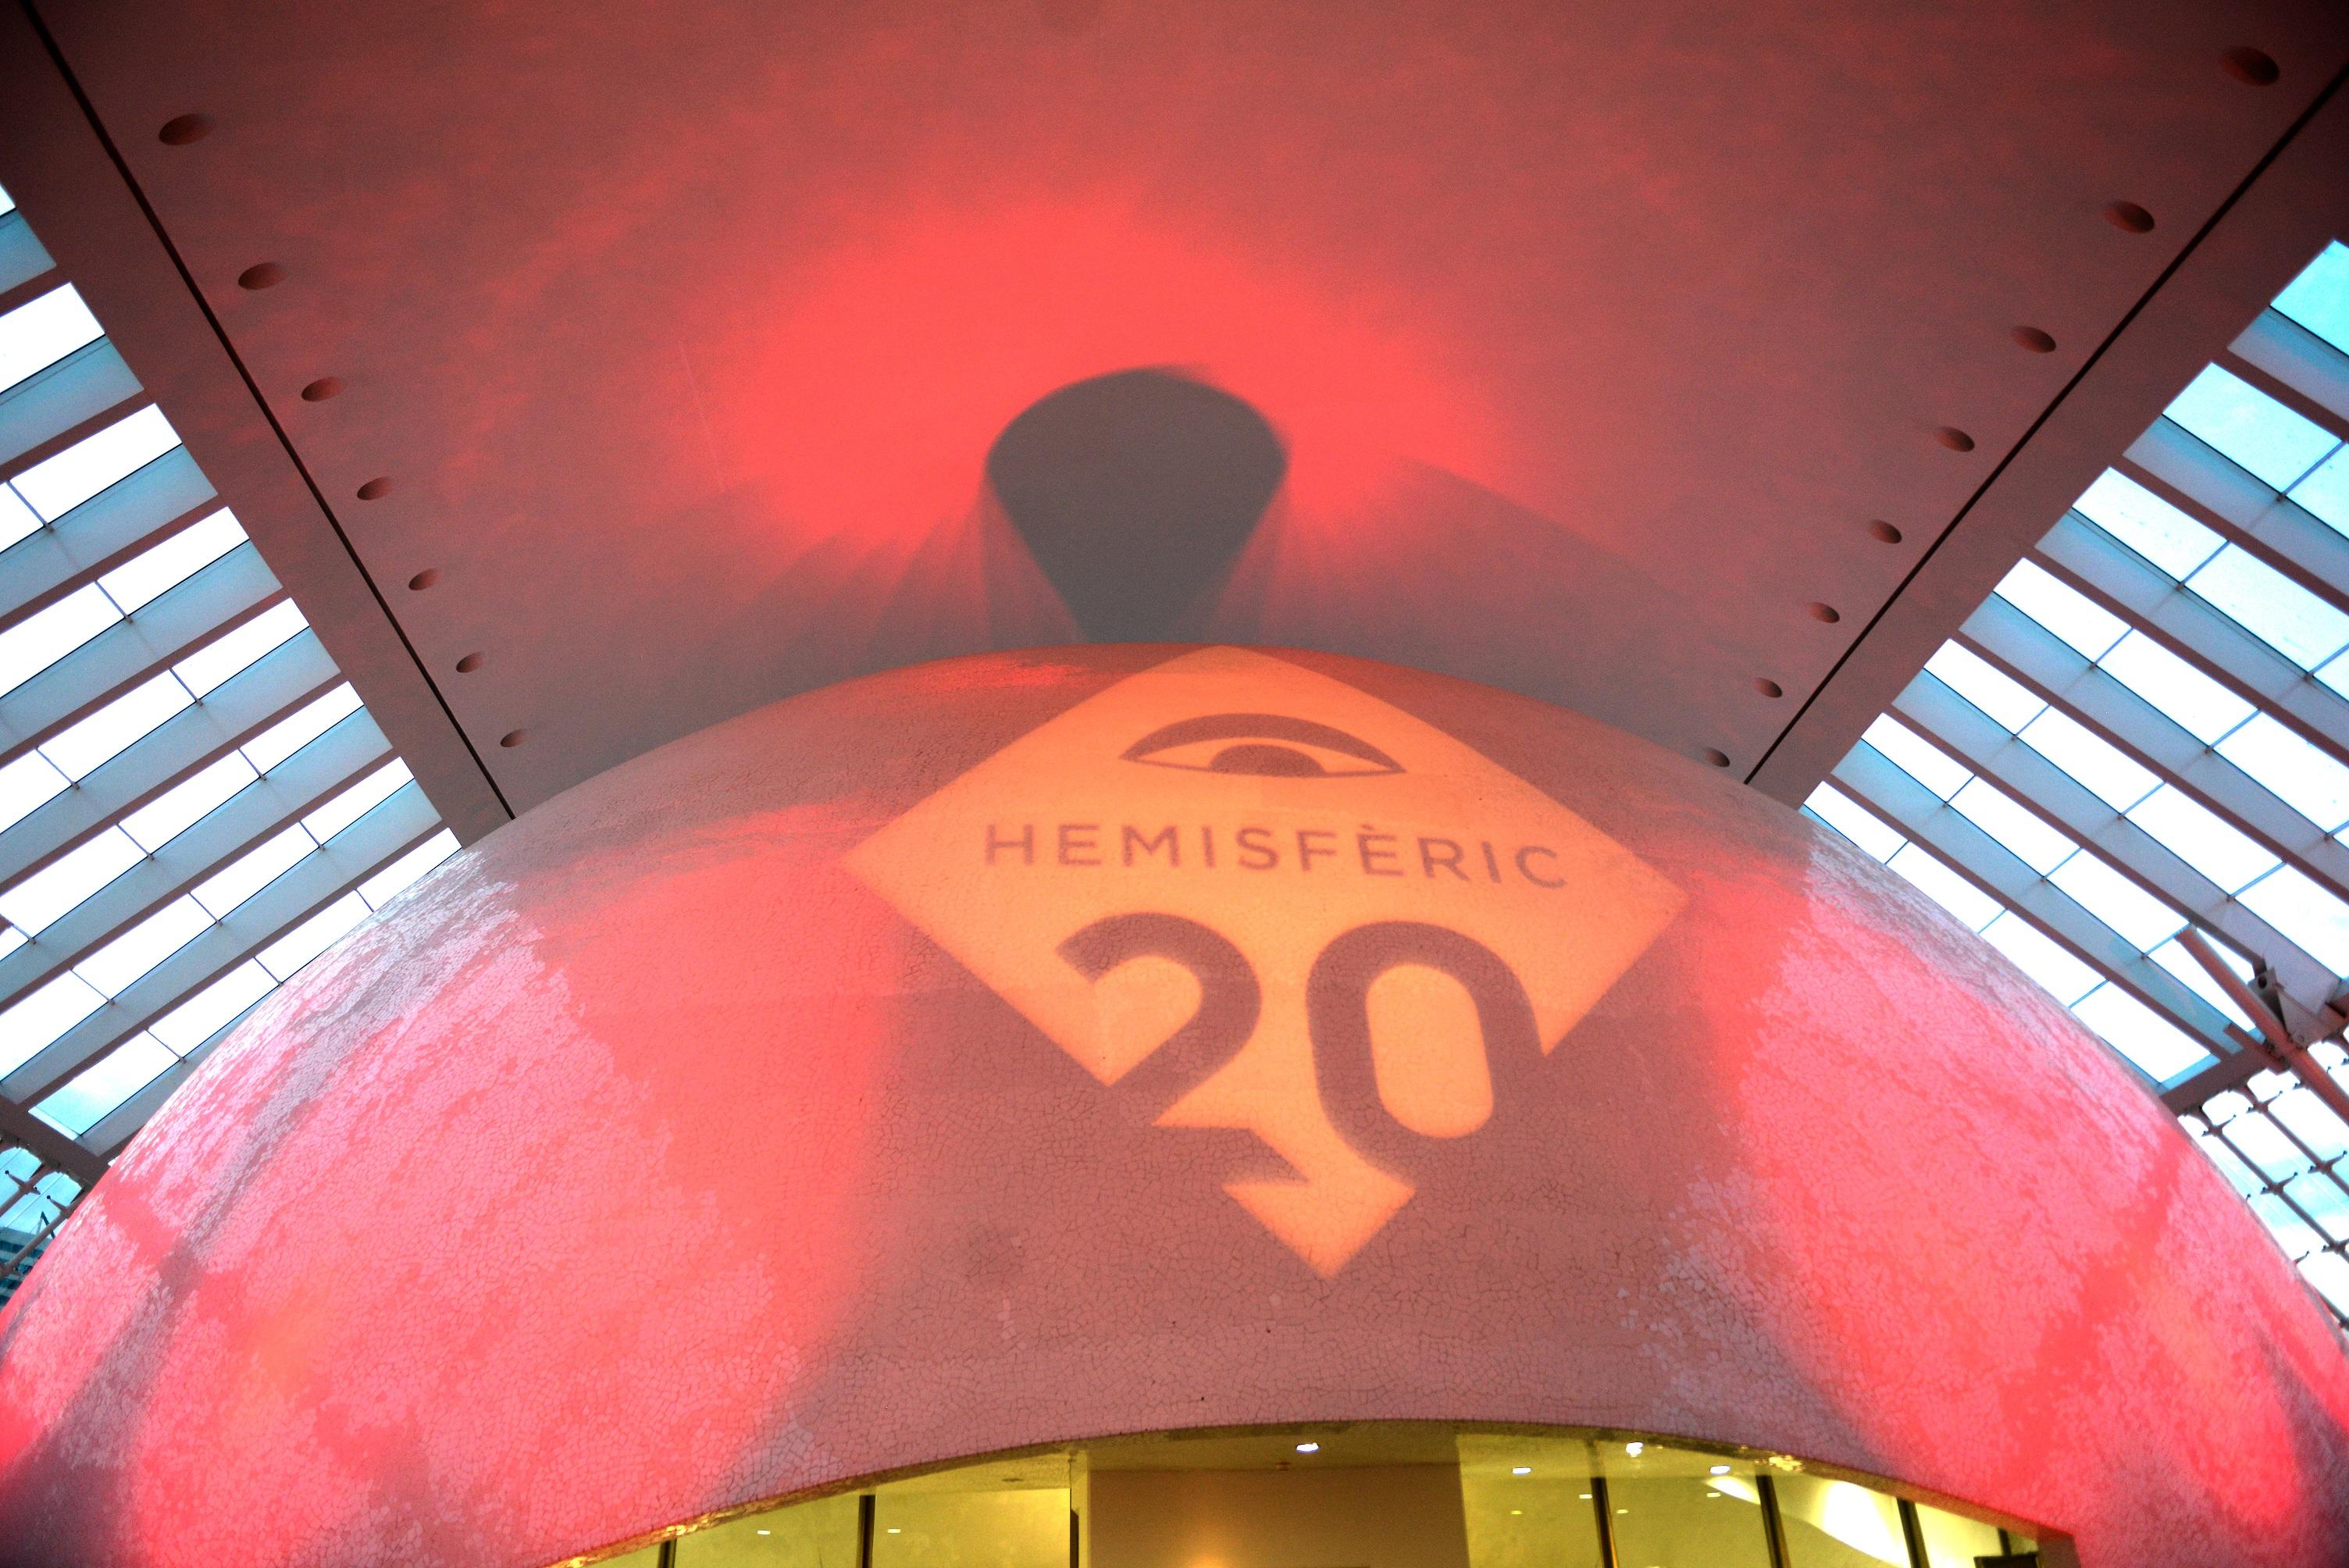 La Ciutat de les Arts i les Ciències continúa la celebración del aniversario del Hemisfèric este puente del 1 de mayo